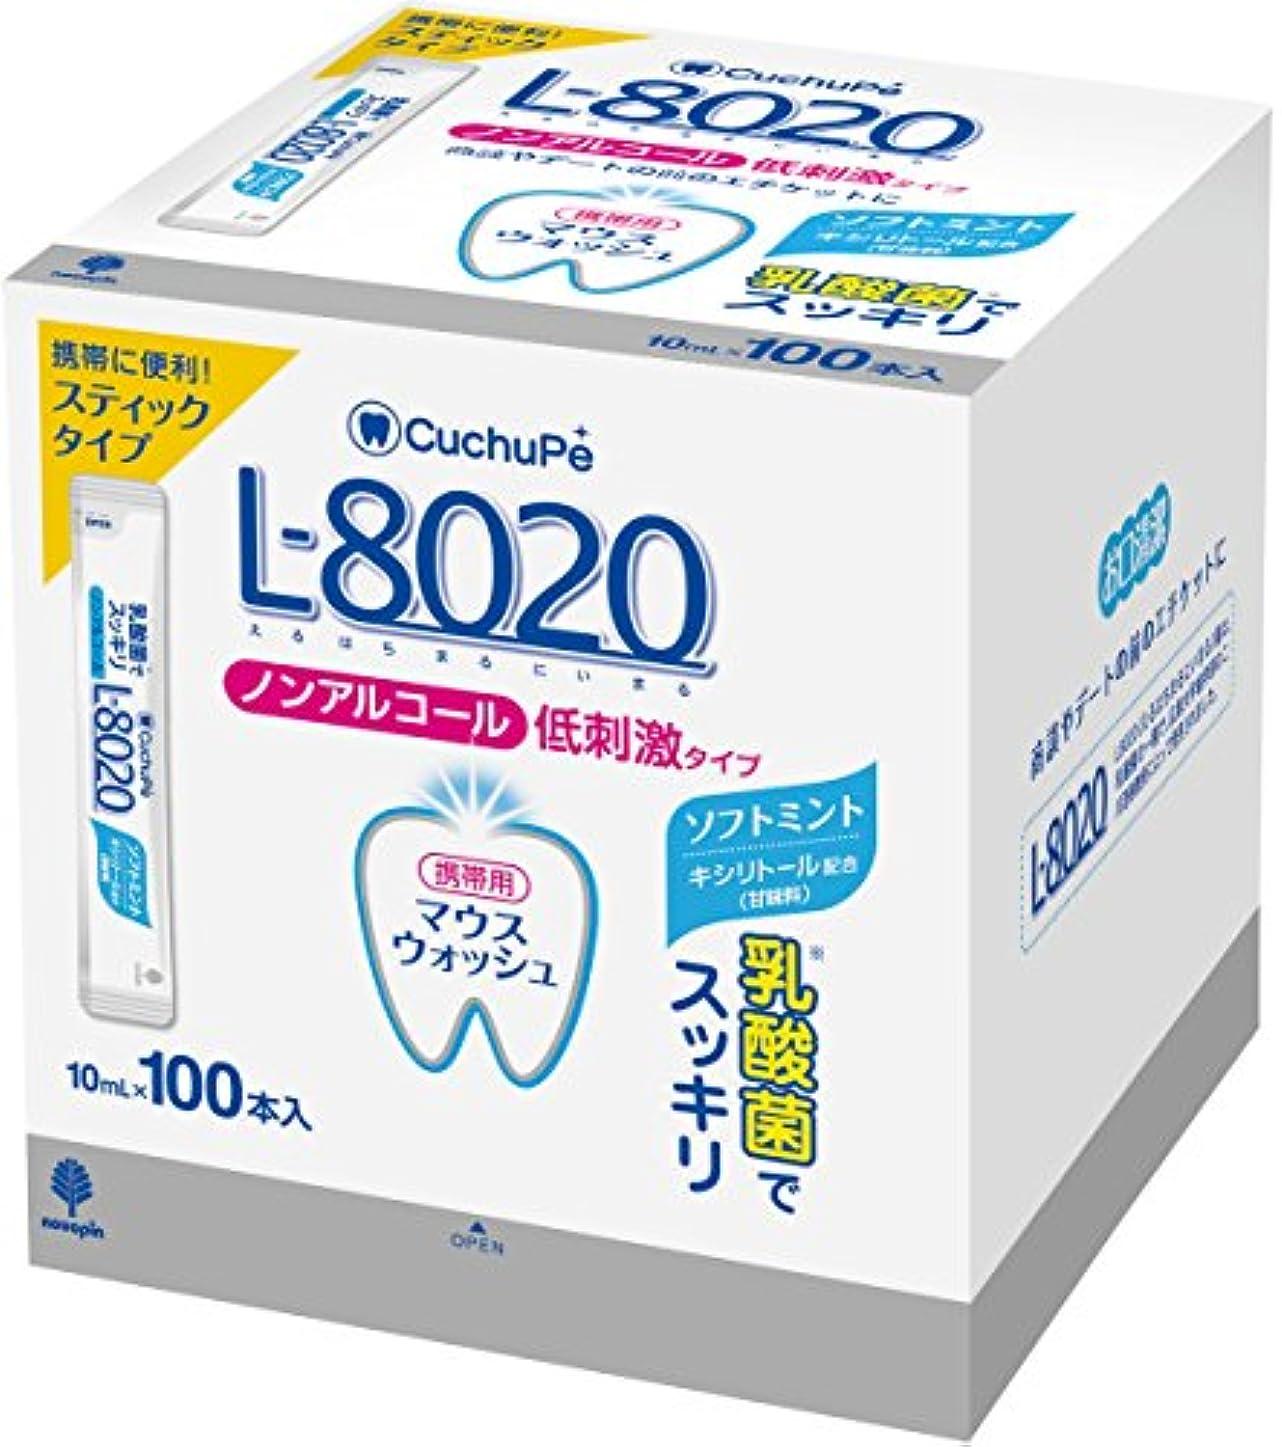 マウントバンク列挙するマネージャークチュッペ L-8020 マウスウォッシュ ソフトミント スティックタイプ 100本入